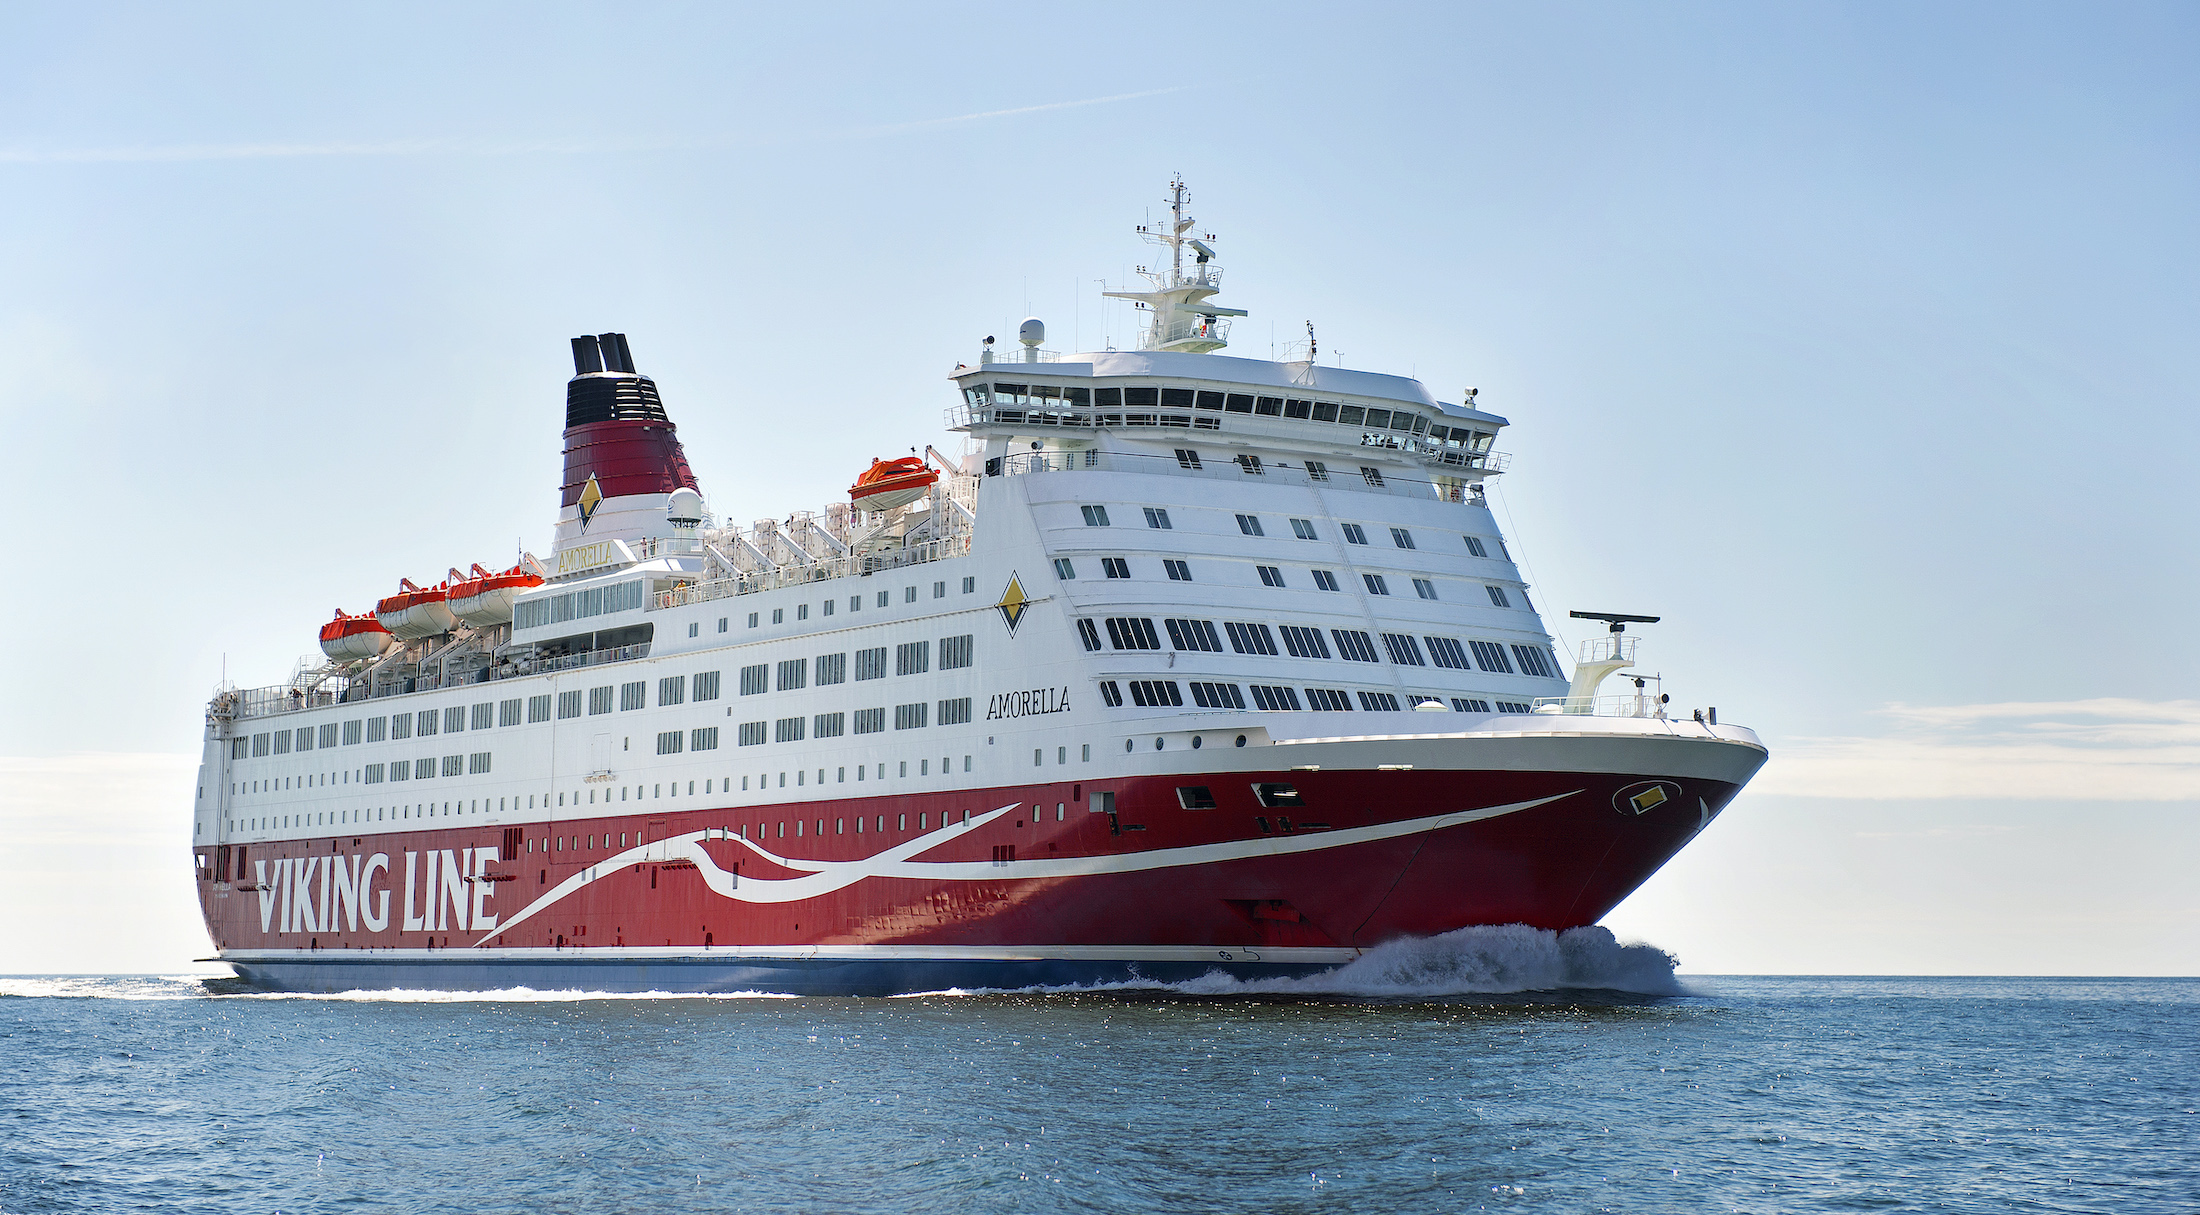 Фотография Viking Line в Amorella судна